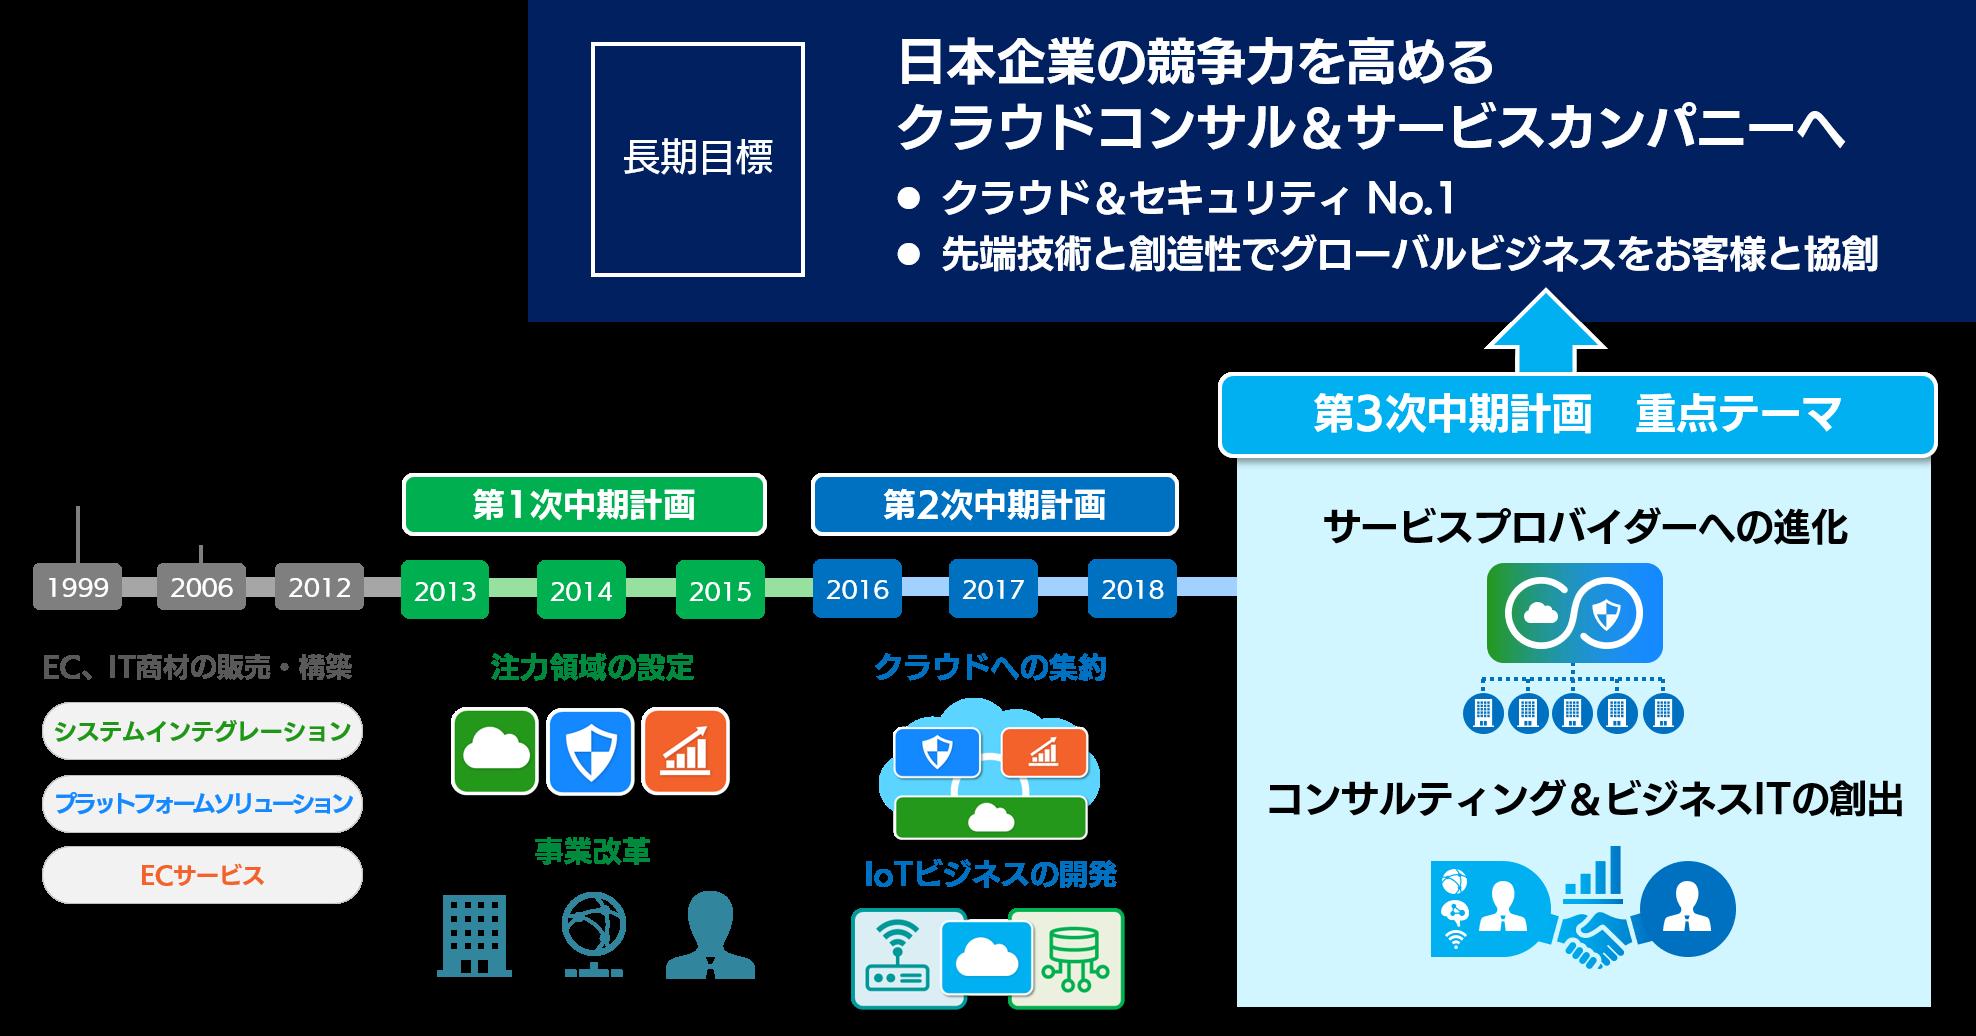 中期経営計画 | SBテクノロジー (SBT)